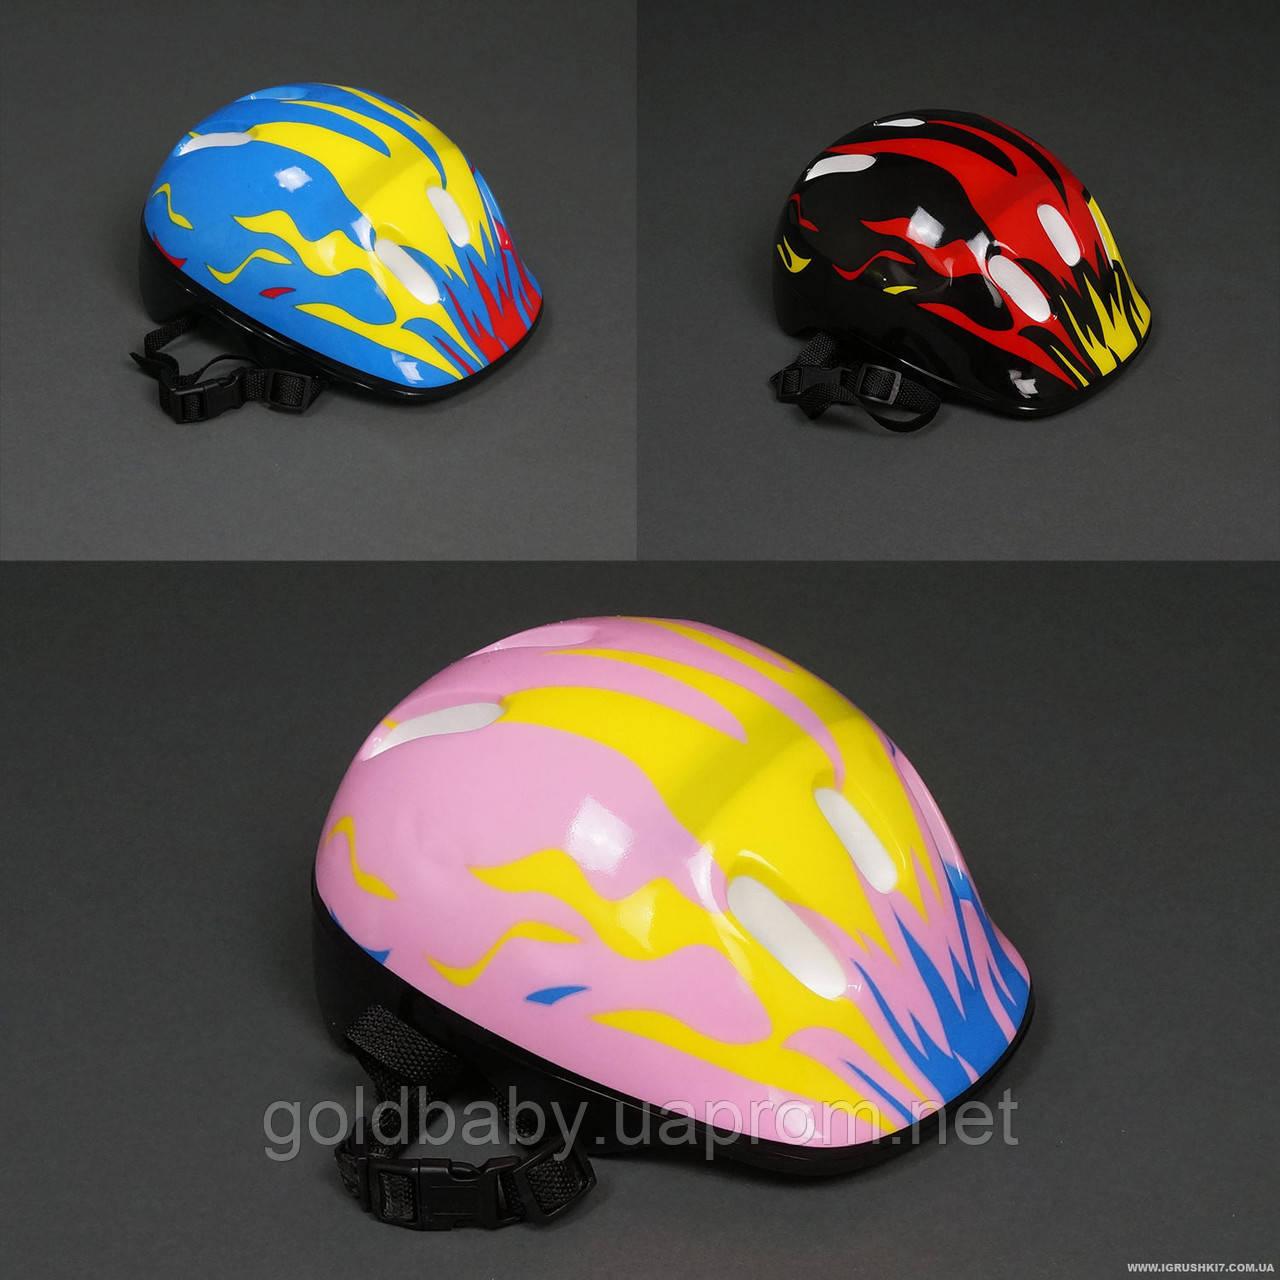 Защитный шлем для катания  779-123 *** - Gold-baby.net в Одессе